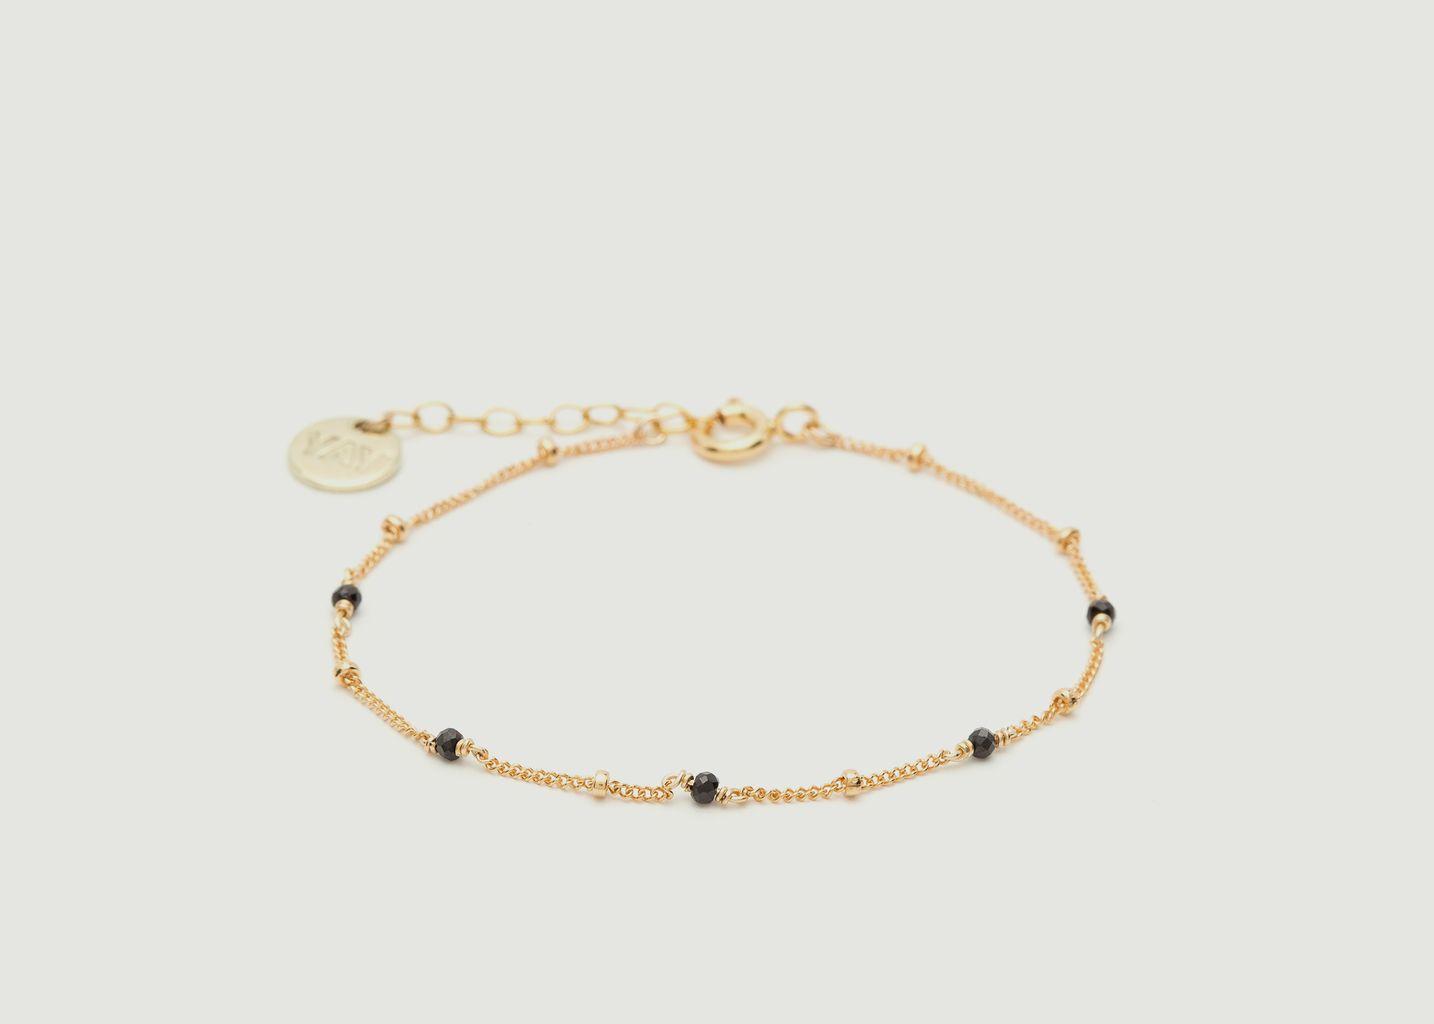 Bracelet gold filled avec pierres facettées Satellite - YAY